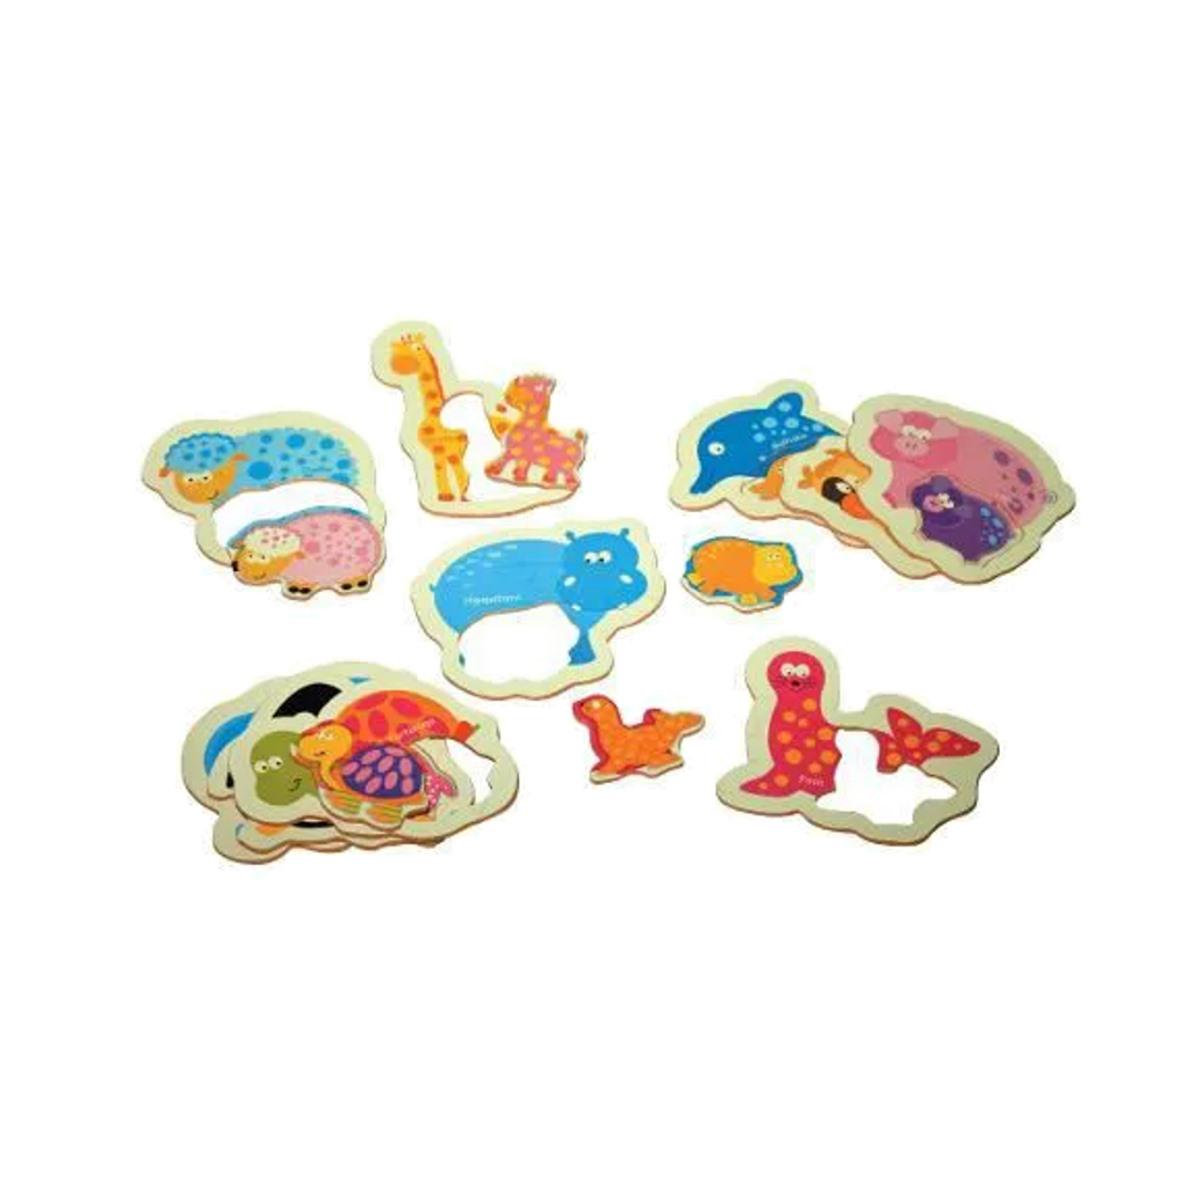 Brinquedos Educativos - Quebra Cabeça Mamãe e Filhote 20und